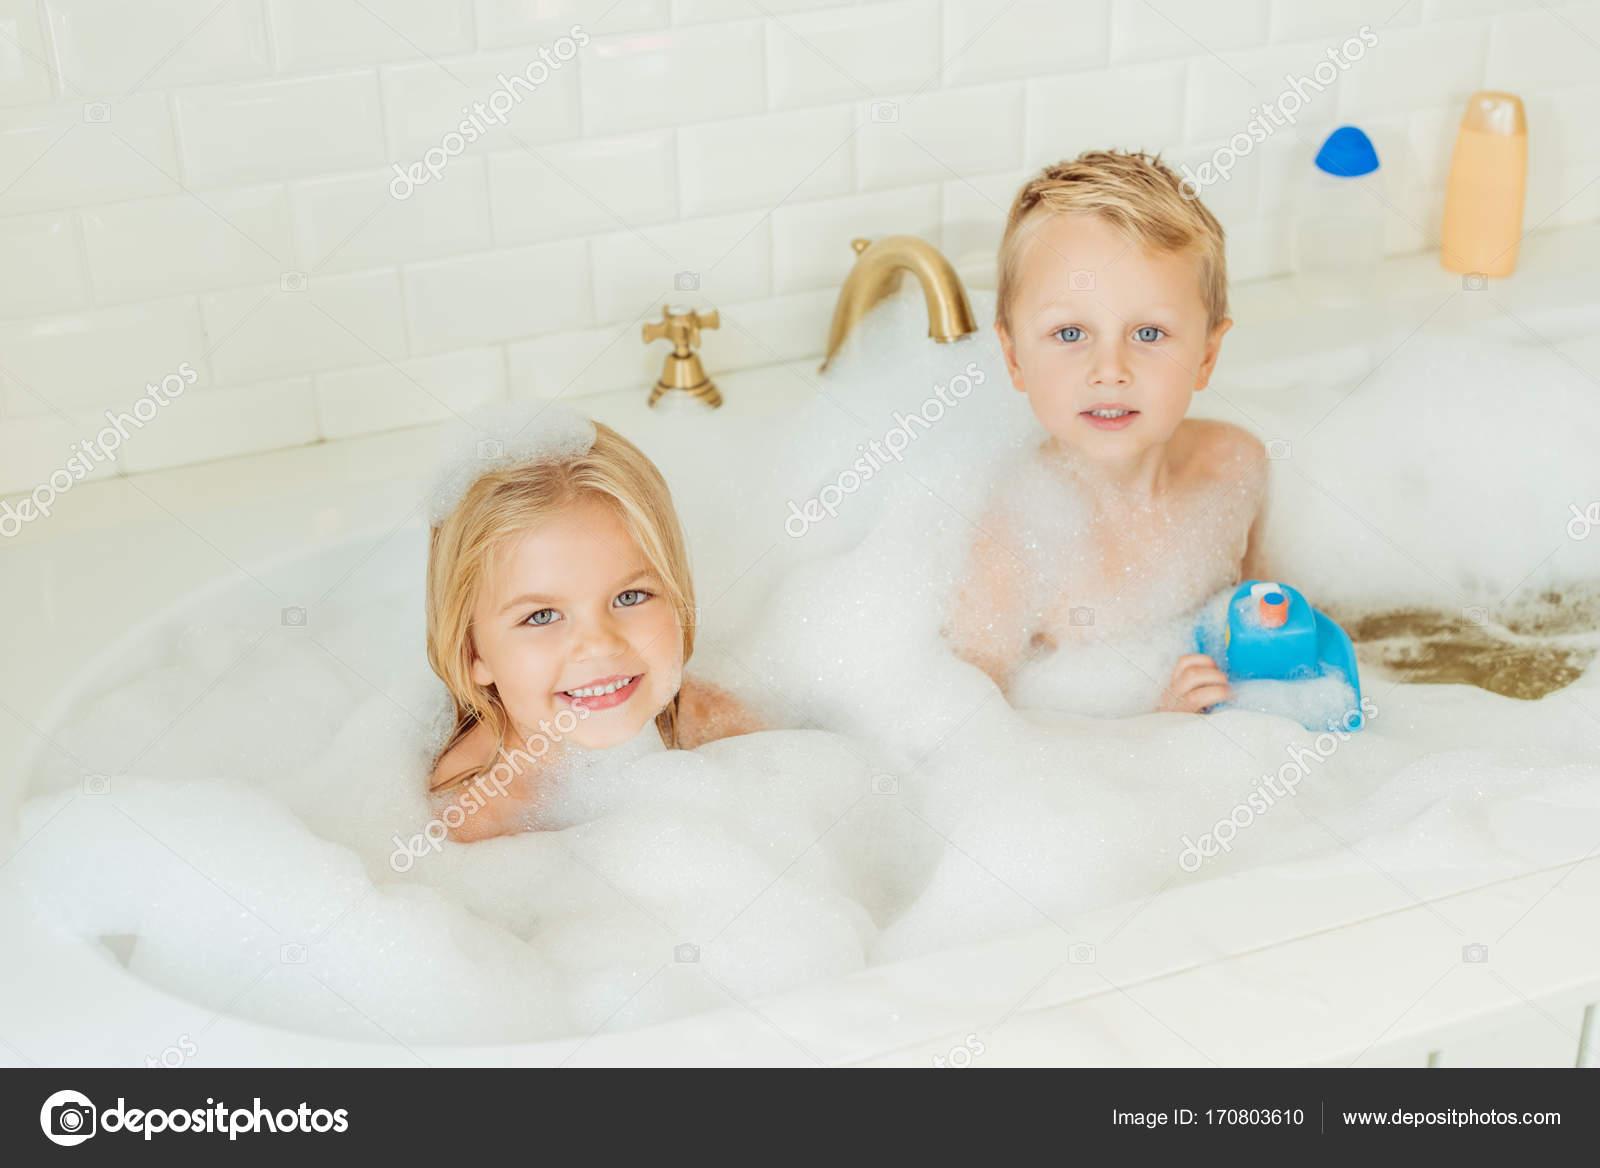 Vasca Da Bagno Piccola Per Bambini : Bambini che giocano nella vasca da bagno con schiuma u2014 foto stock